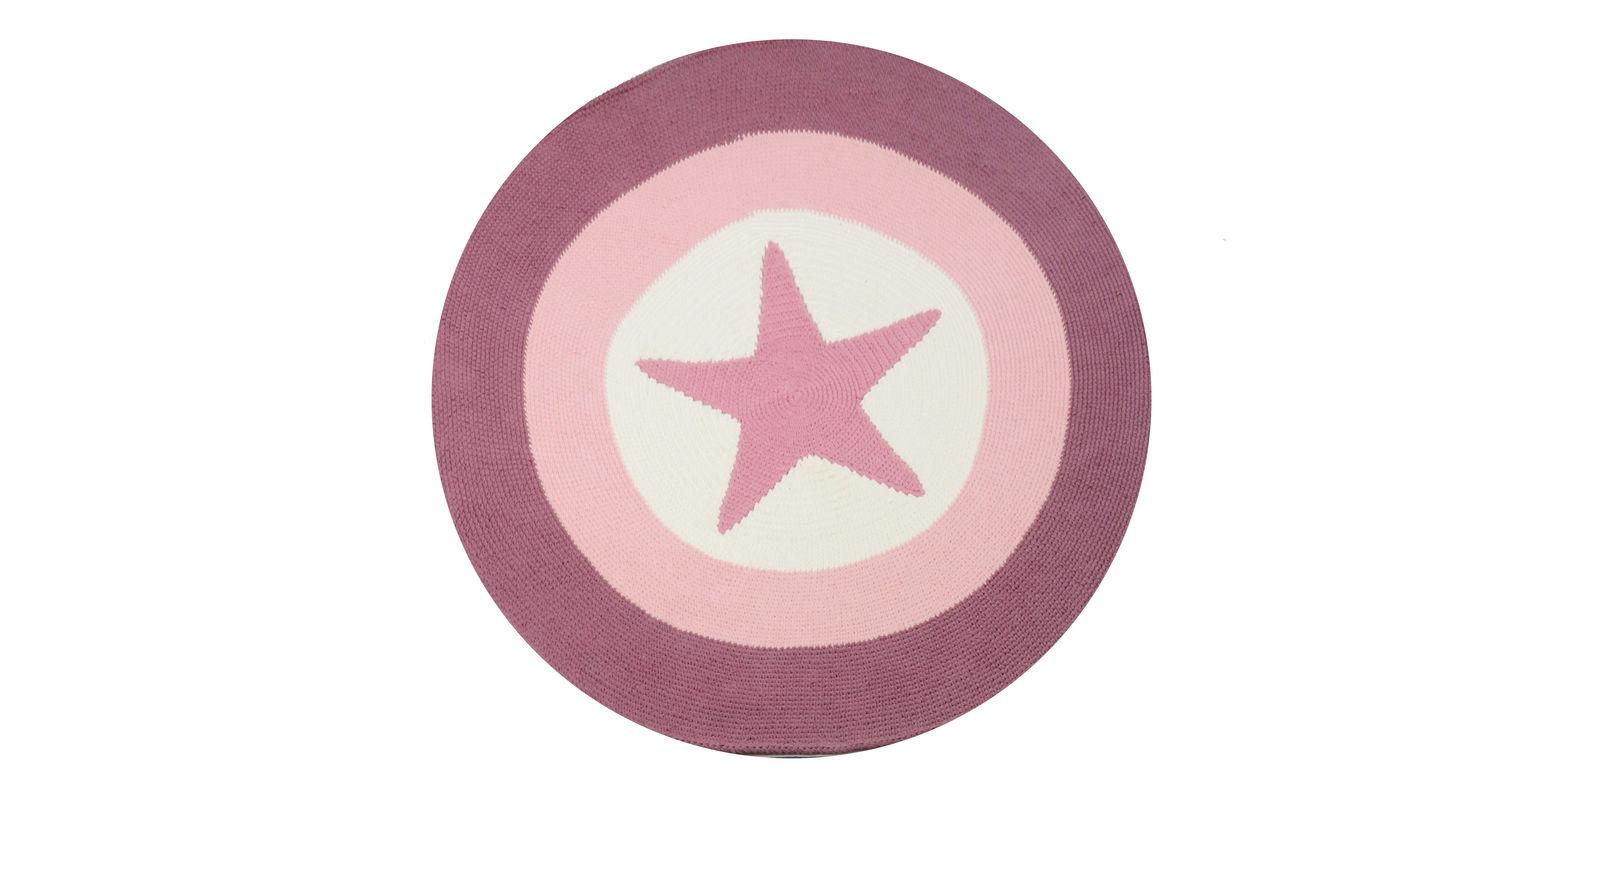 Runder LIFETIME-Teppich mit Stern und 120 cm Durchmesser in Rosé